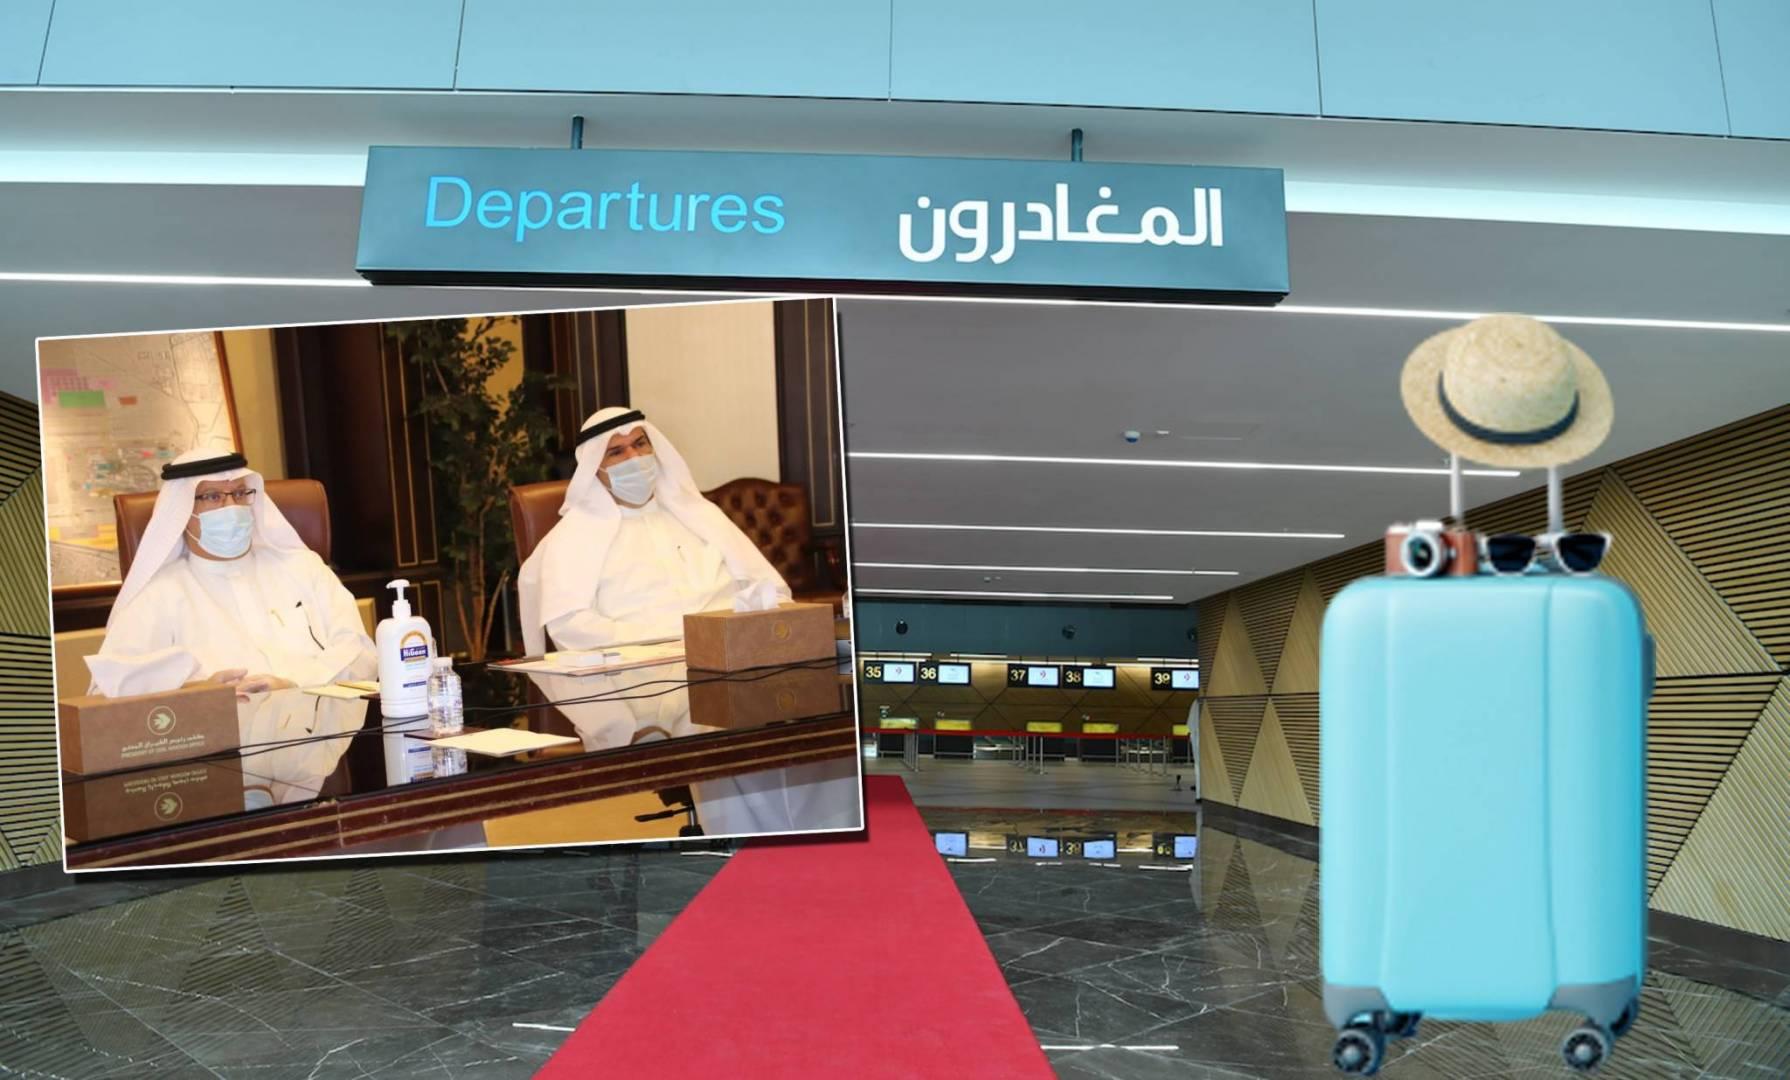 تشغيل المطار على 3 مراحل.. الأولى بـ%30 والثانية بـ 60%